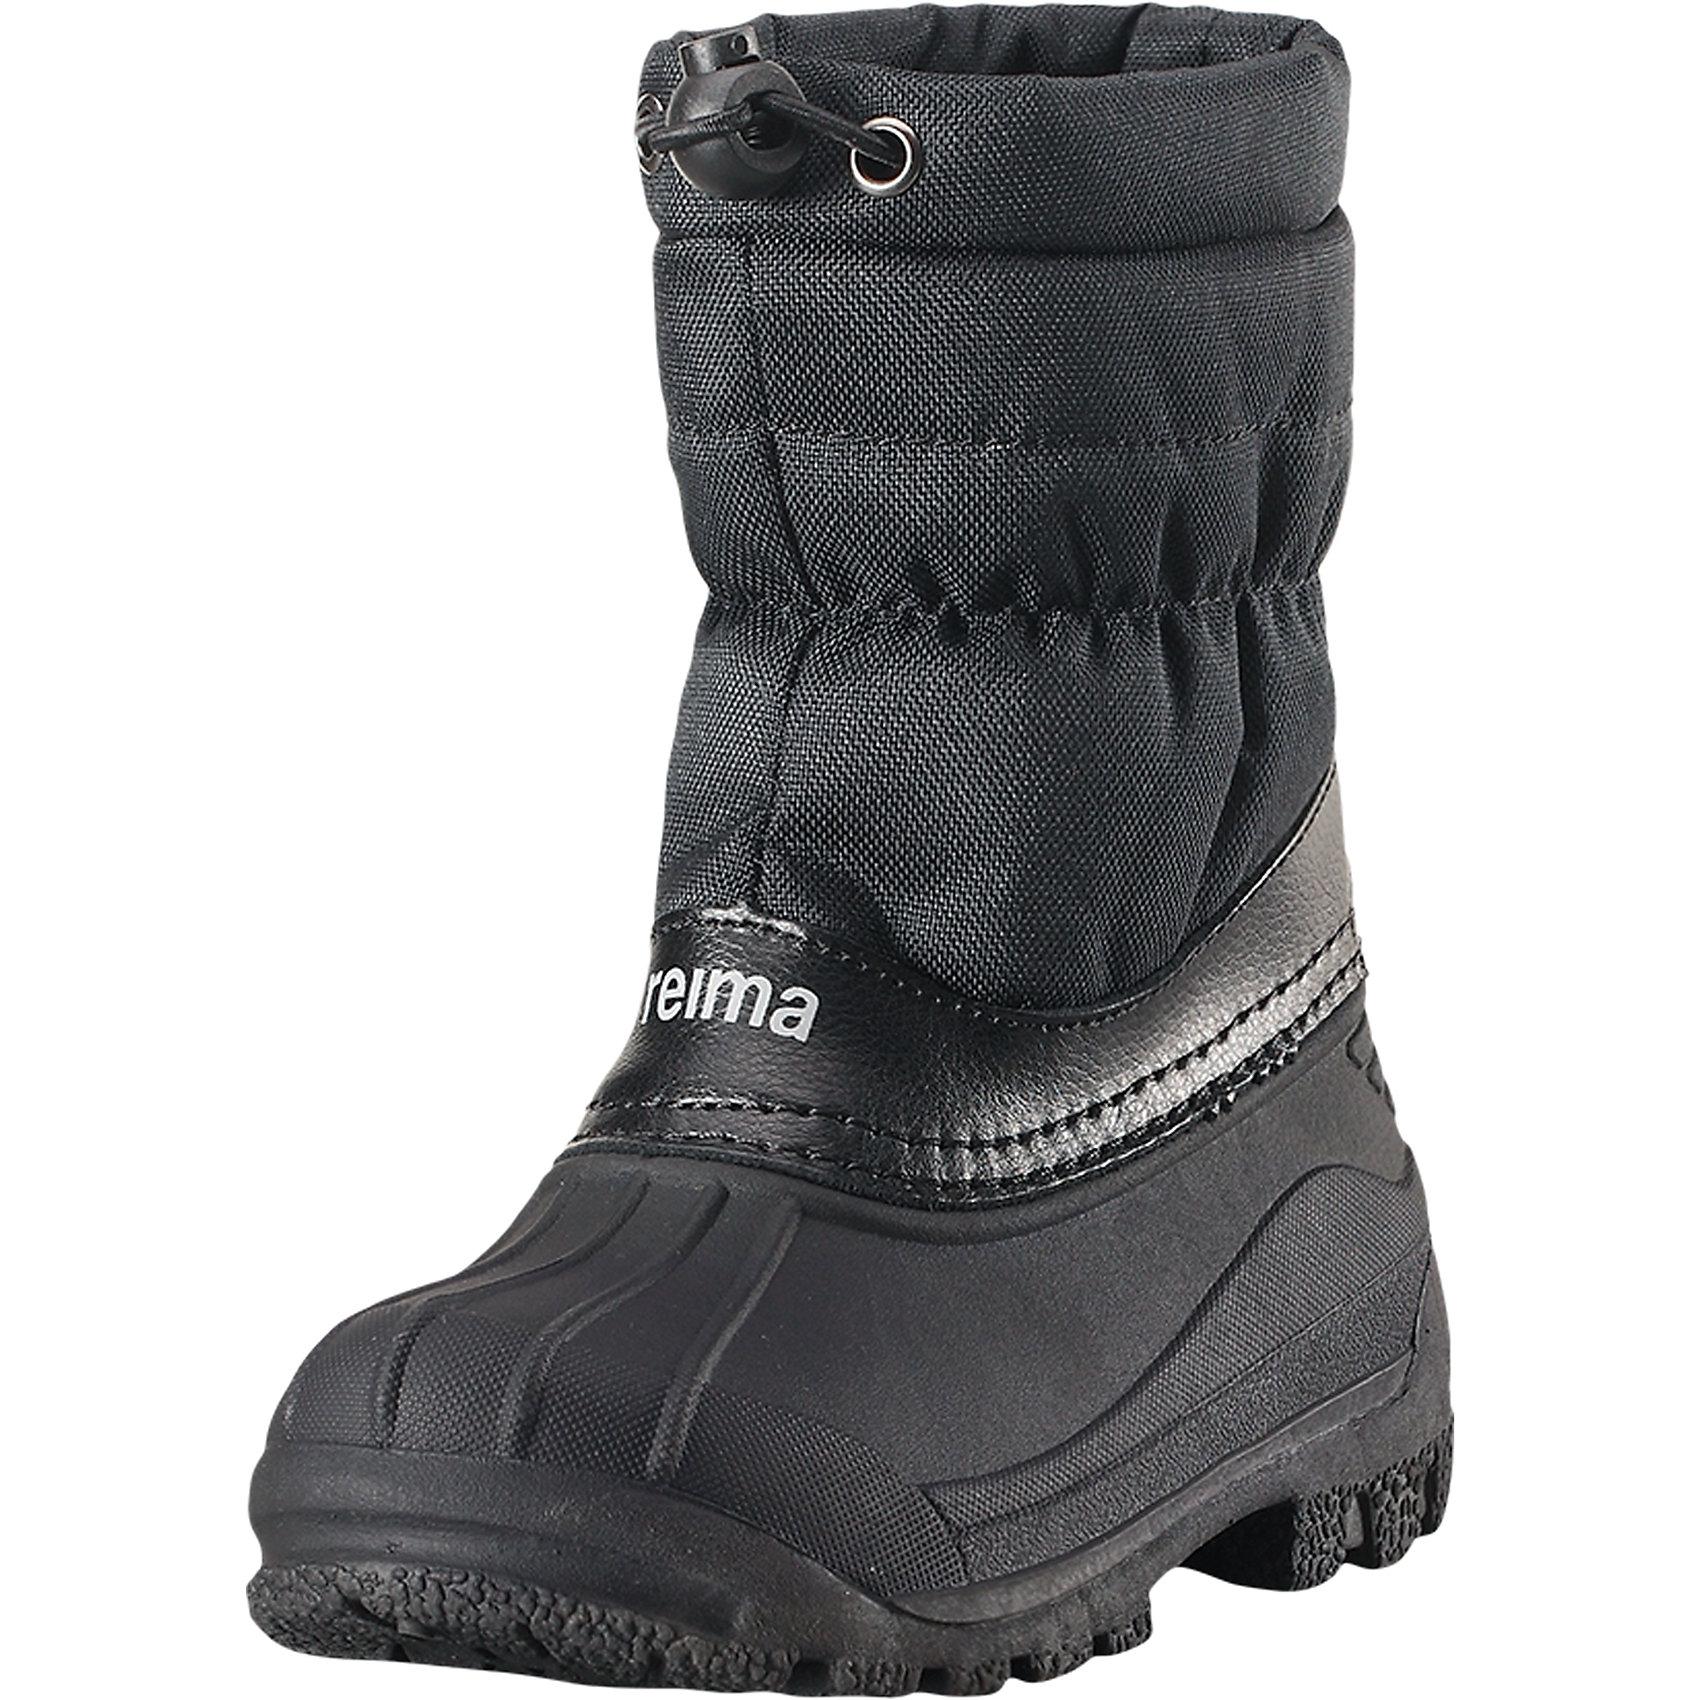 Ботинки Nefar ReimaОбувь<br>Эти детские водоотталкивающие зимние ботинки стали настоящим воплощением классики Reima®. Ботинки защищают ноги от воды не только снизу, но и сверху – галоша сделана из абсолютно непромокаемой и прочной термопластичной резины. Удобное и утепленное голенище тоже не пропускает воду, кроме того, на нем предусмотрена регулируемая защита от снега, которая станет надежным барьером для холода и влаги. Теплая текстильная подкладка согреет ноги во время прогулок в морозную погоду. На заднике имеется светоотражатель, а перед каблуком предусмотрена специальная выемка, позволяющая закреплять штрипки и защищающая их от износа. Эти ботинки легко надевать – полная готовность к активным прогулкам!<br>Состав:<br>Подошва: Термопластичная резина Верх: Полиэстер/Кожа<br><br>Ширина мм: 262<br>Глубина мм: 176<br>Высота мм: 97<br>Вес г: 427<br>Цвет: черный<br>Возраст от месяцев: 96<br>Возраст до месяцев: 108<br>Пол: Унисекс<br>Возраст: Детский<br>Размер: 35,24,25,26,27,28,29,30,32,33,34,31<br>SKU: 6904919